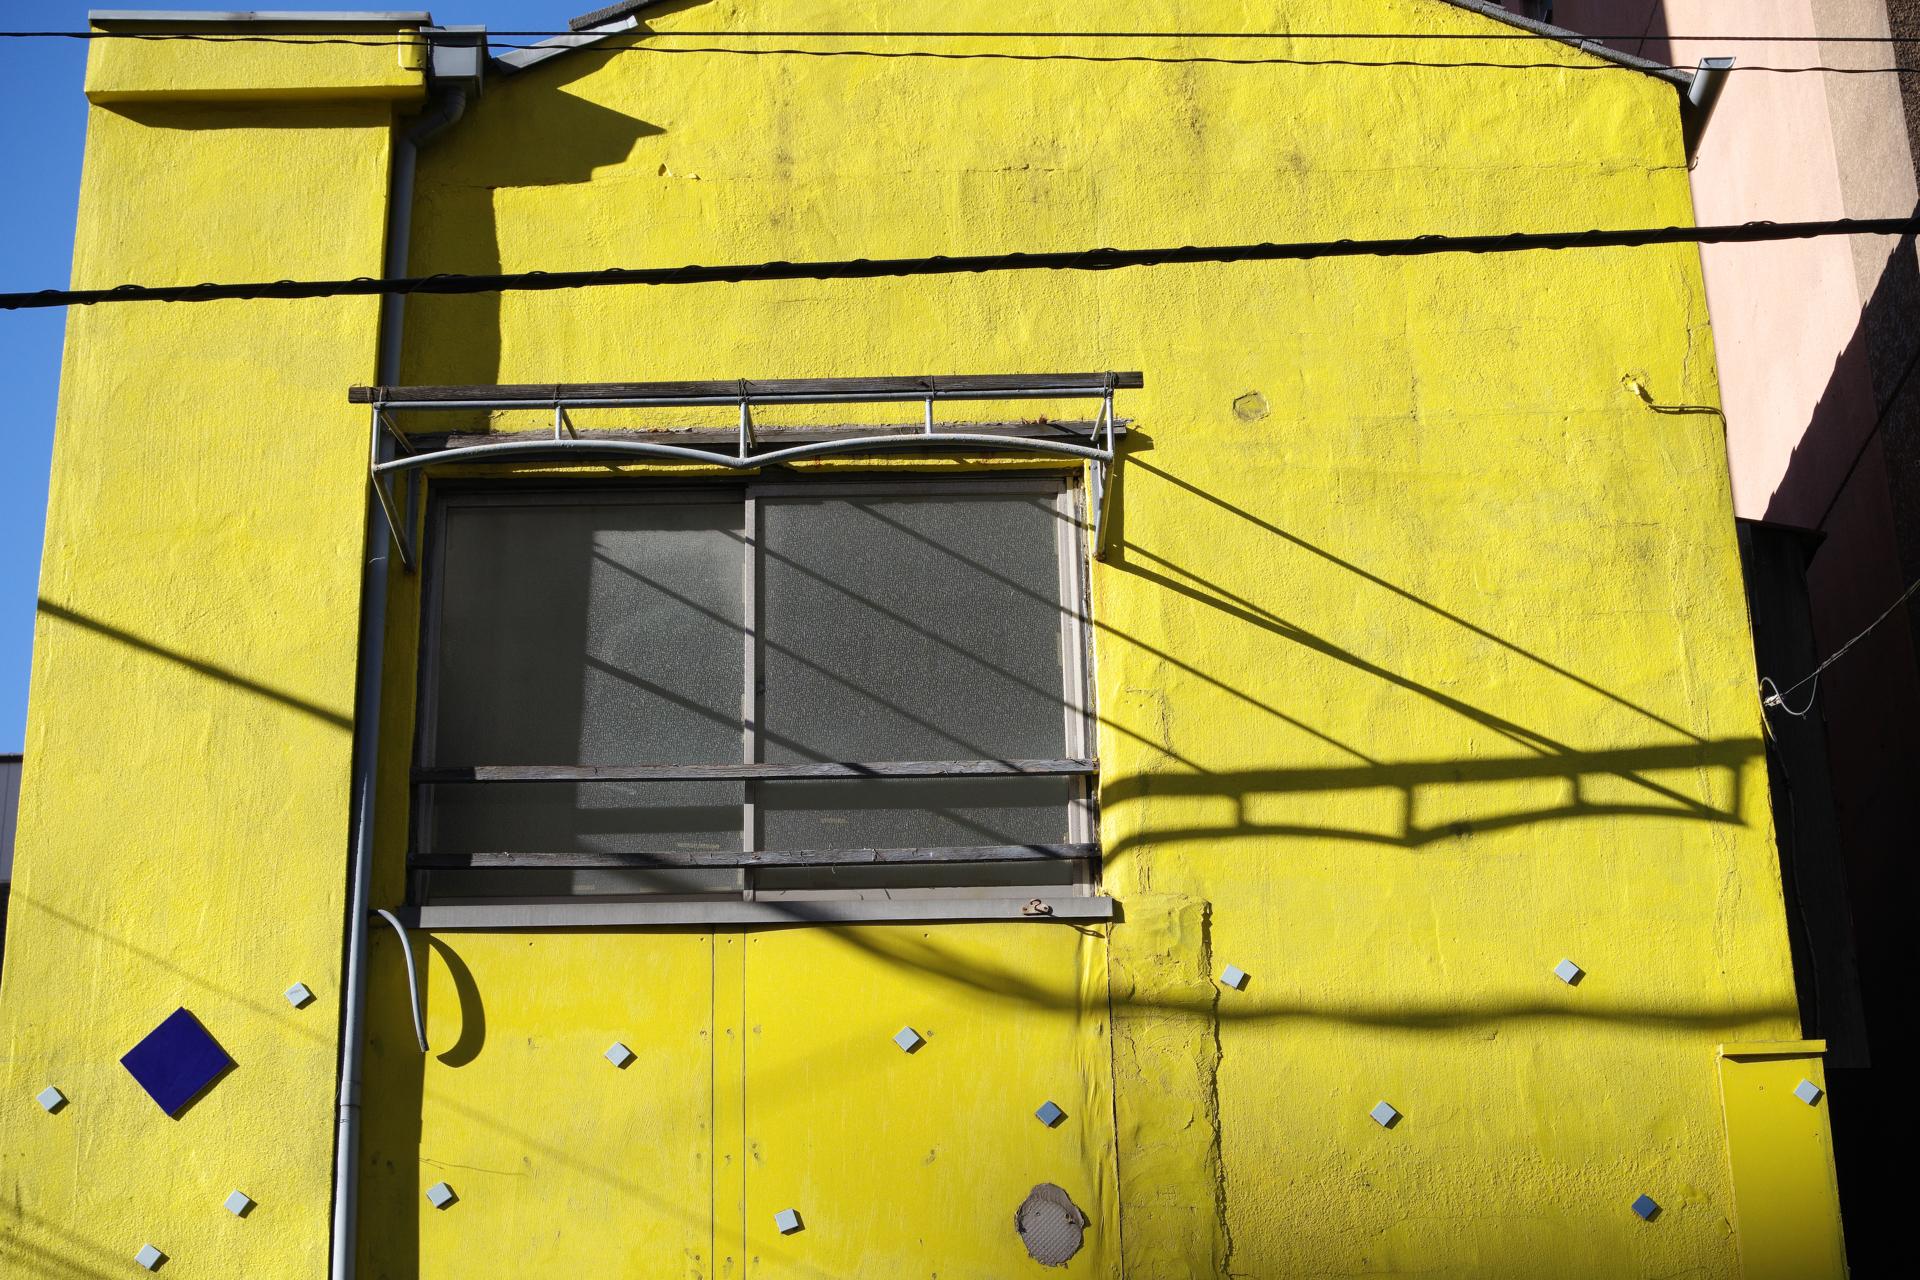 """黄色い壁の家。年月を経た適度なヤレが郷愁を誘うわけですが、住んでいる人は気に入っているという感じがわかるわけです。ディテール描写がいいですね、なんて無理に説明していますが結局は筆者の""""好物""""です。<br>PENTAX K-3 III HD-PENTAX DA 20-40mm F2.8-4 Limited(F9・1/500秒)ISO 400"""